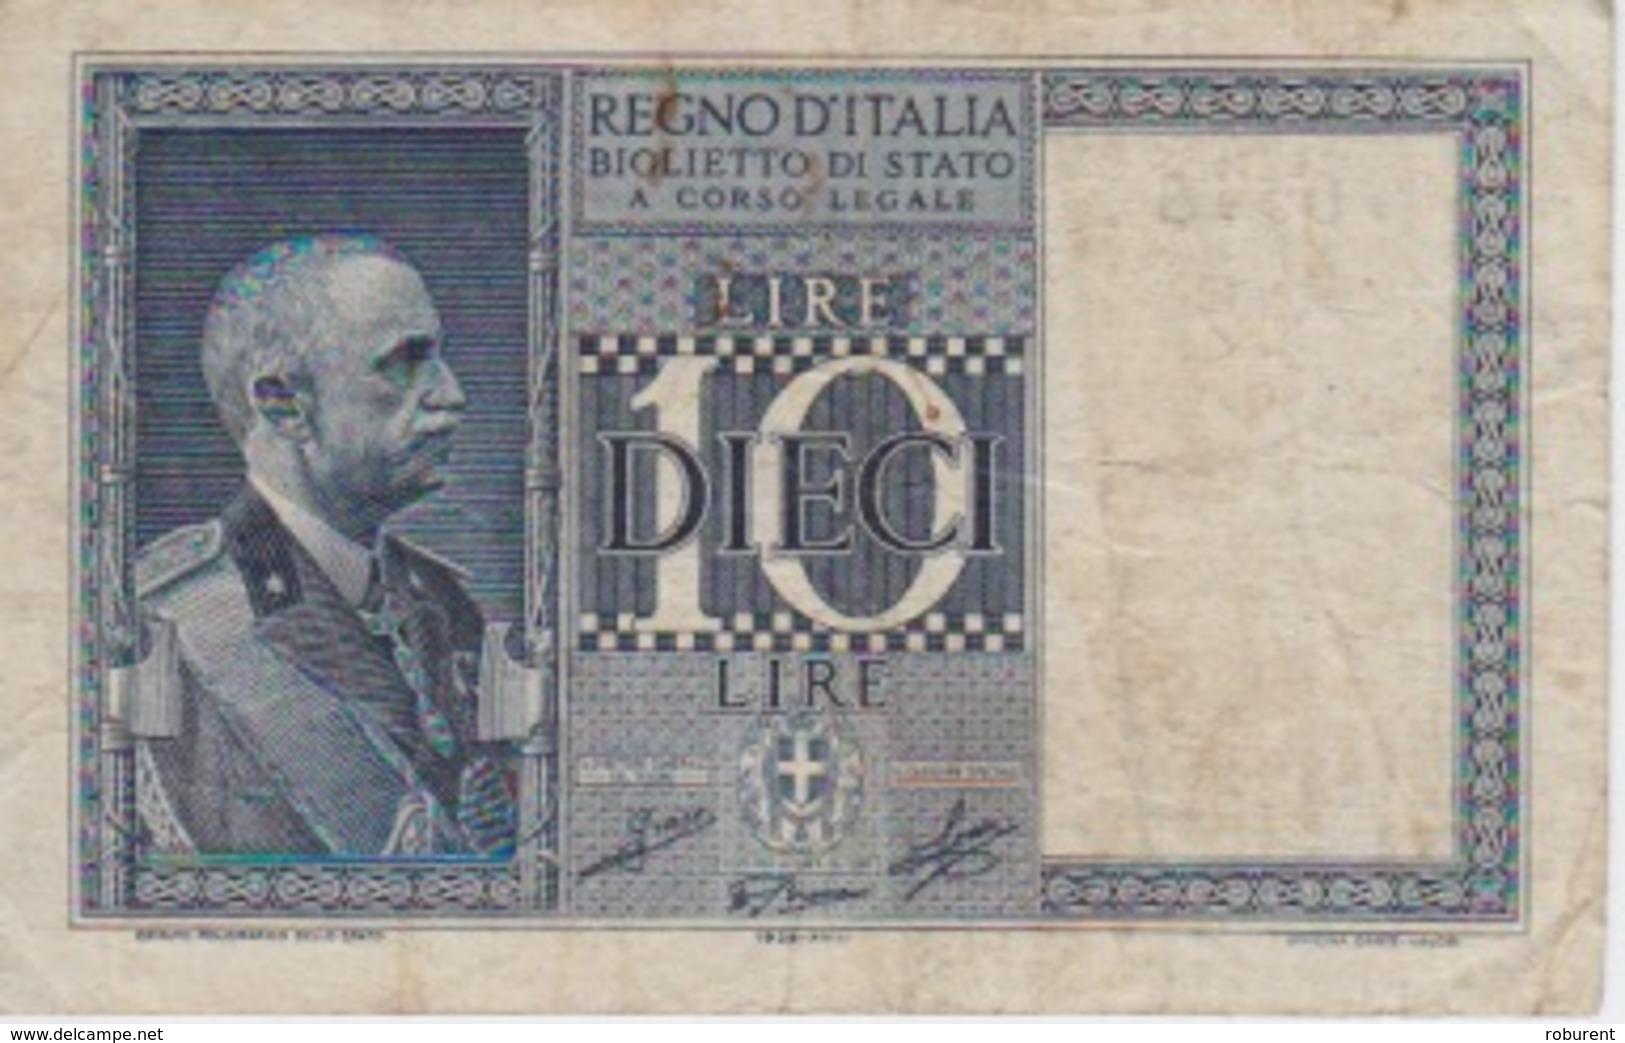 BANCONOTA - REGNO D'ITALIA  - LIRE 10 - 1939 - Altri